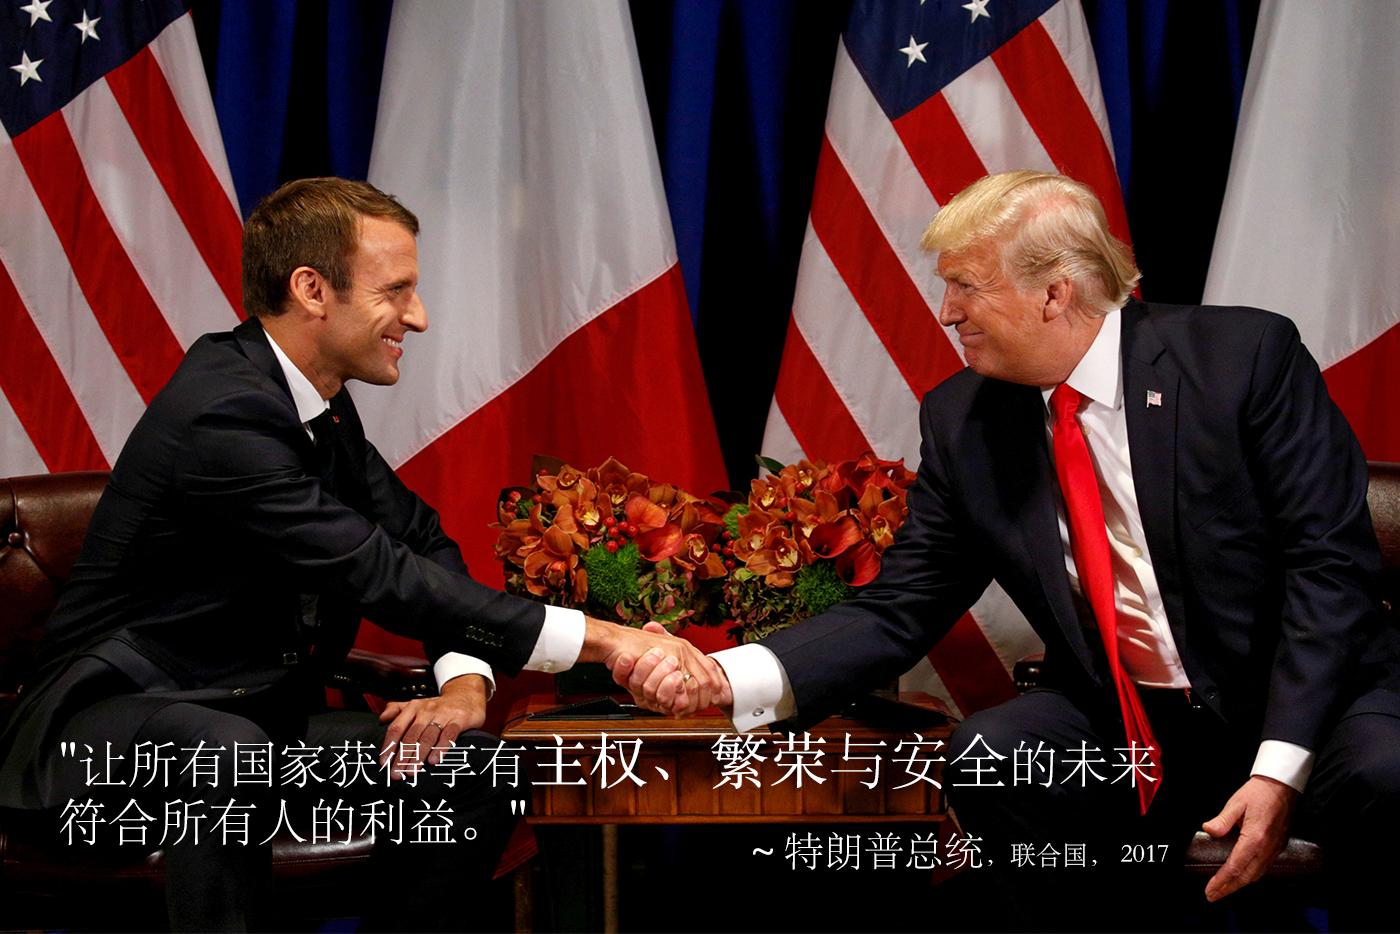 法国总统埃马纽埃尔·马克龙(Emmanuel Macron)(左)与特朗普握手。附特朗普总统发言摘录。  (© Kevin Lamarque/Reuters Pictures)